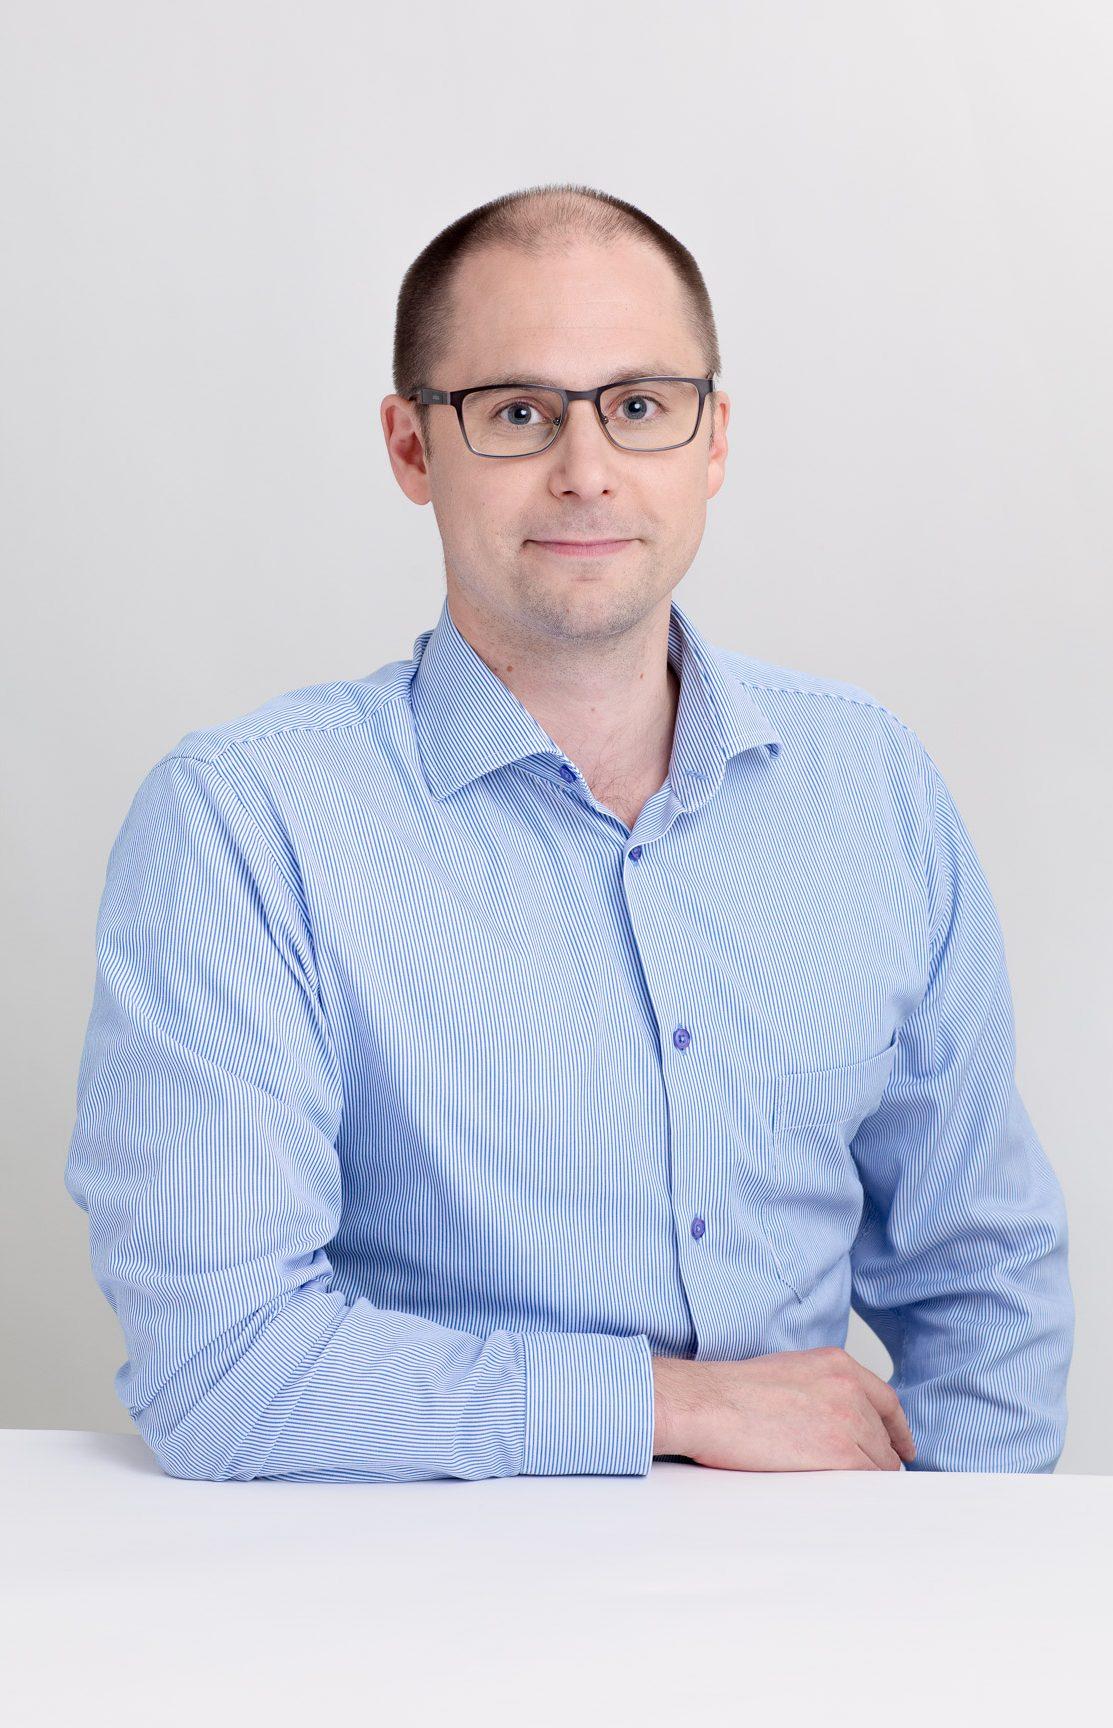 Jari Nieminen